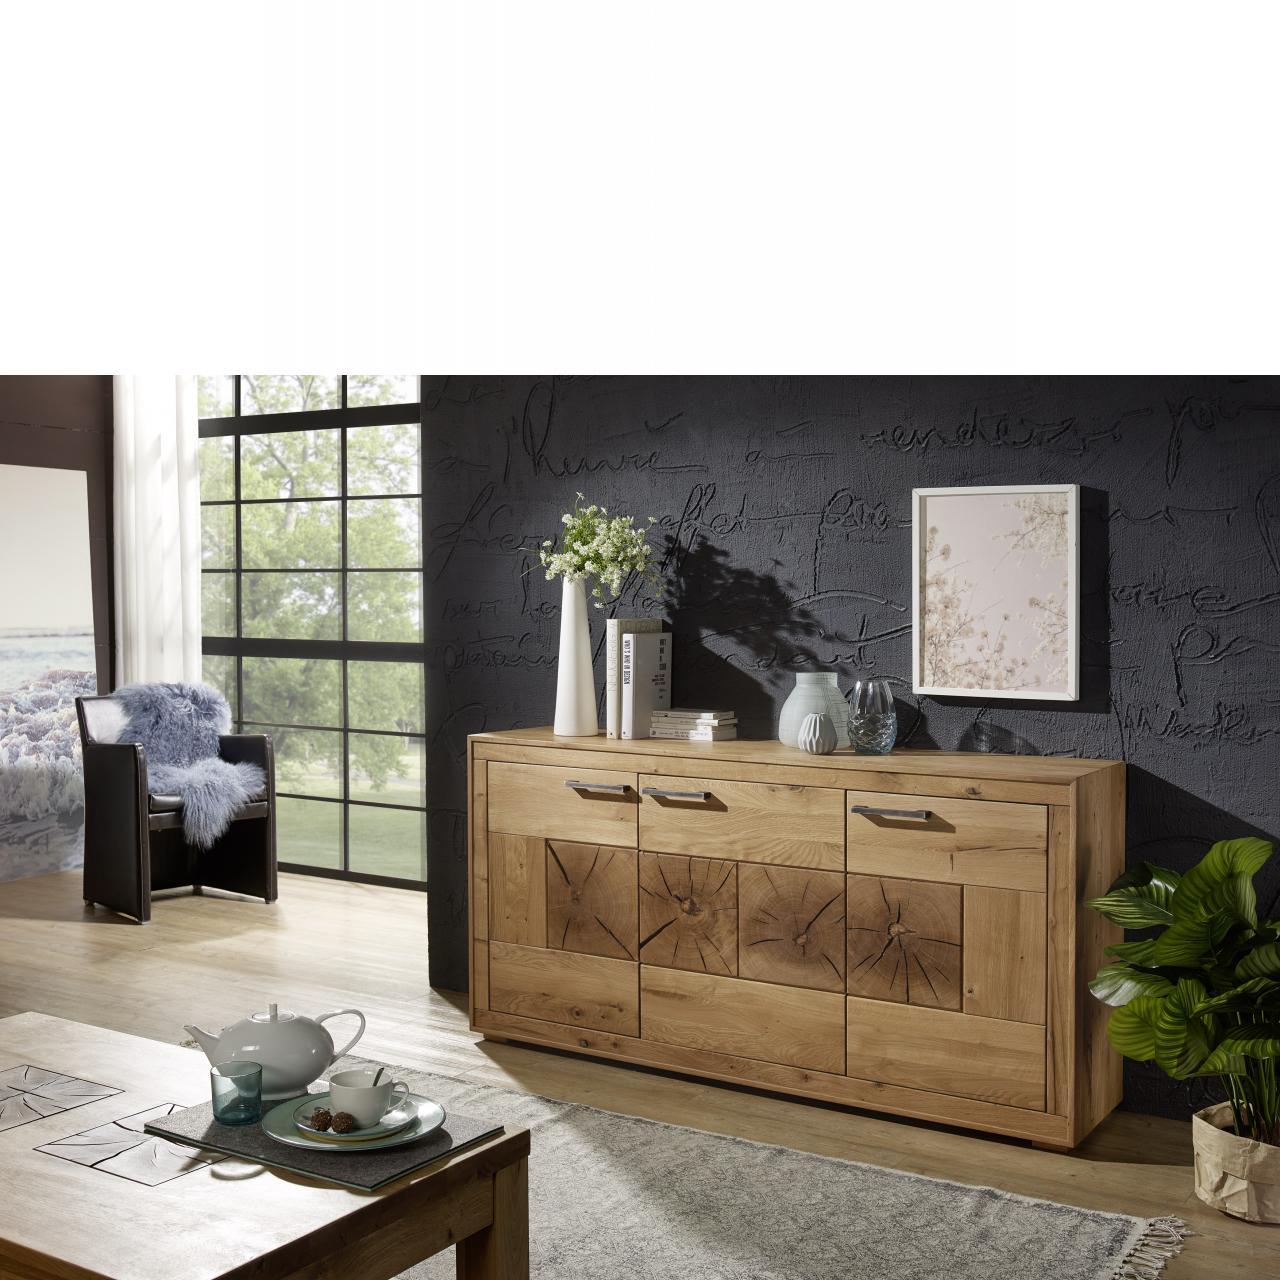 Sideboard 1 WZ-0315